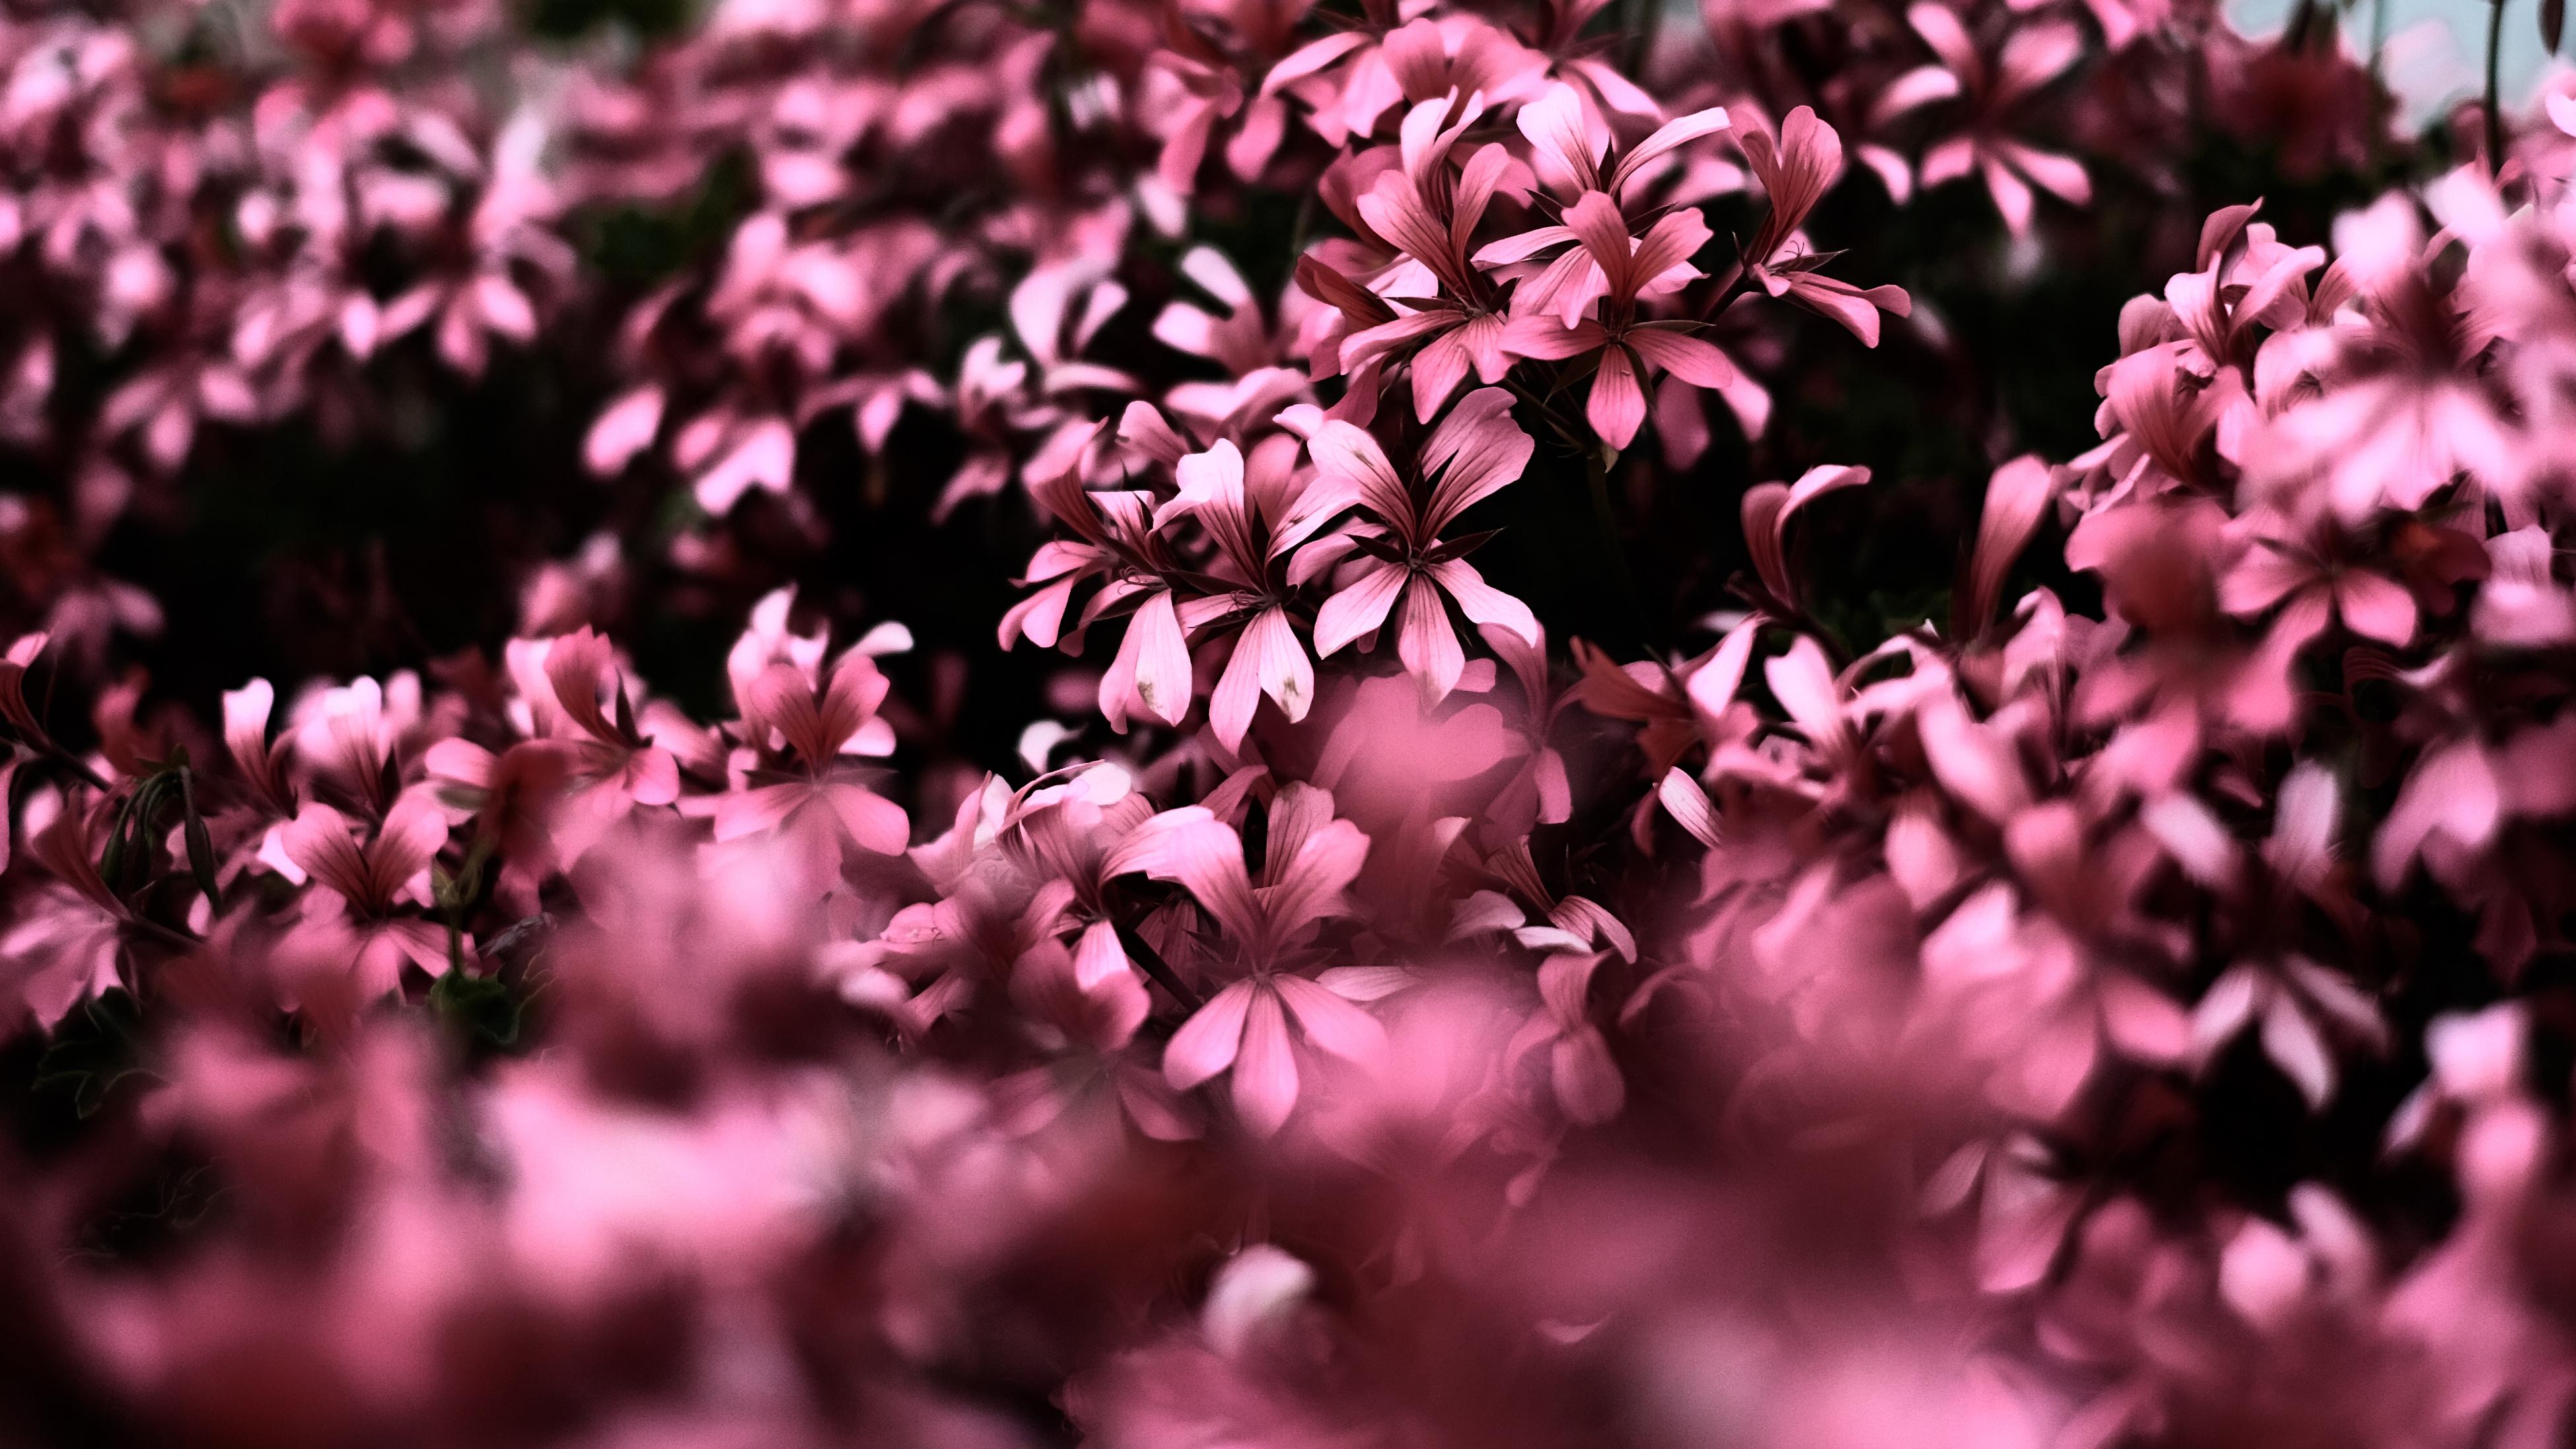 Pink flowers ultra hd blur 4k hd flowers 4k wallpapers - Pink wallpaper 4k ...